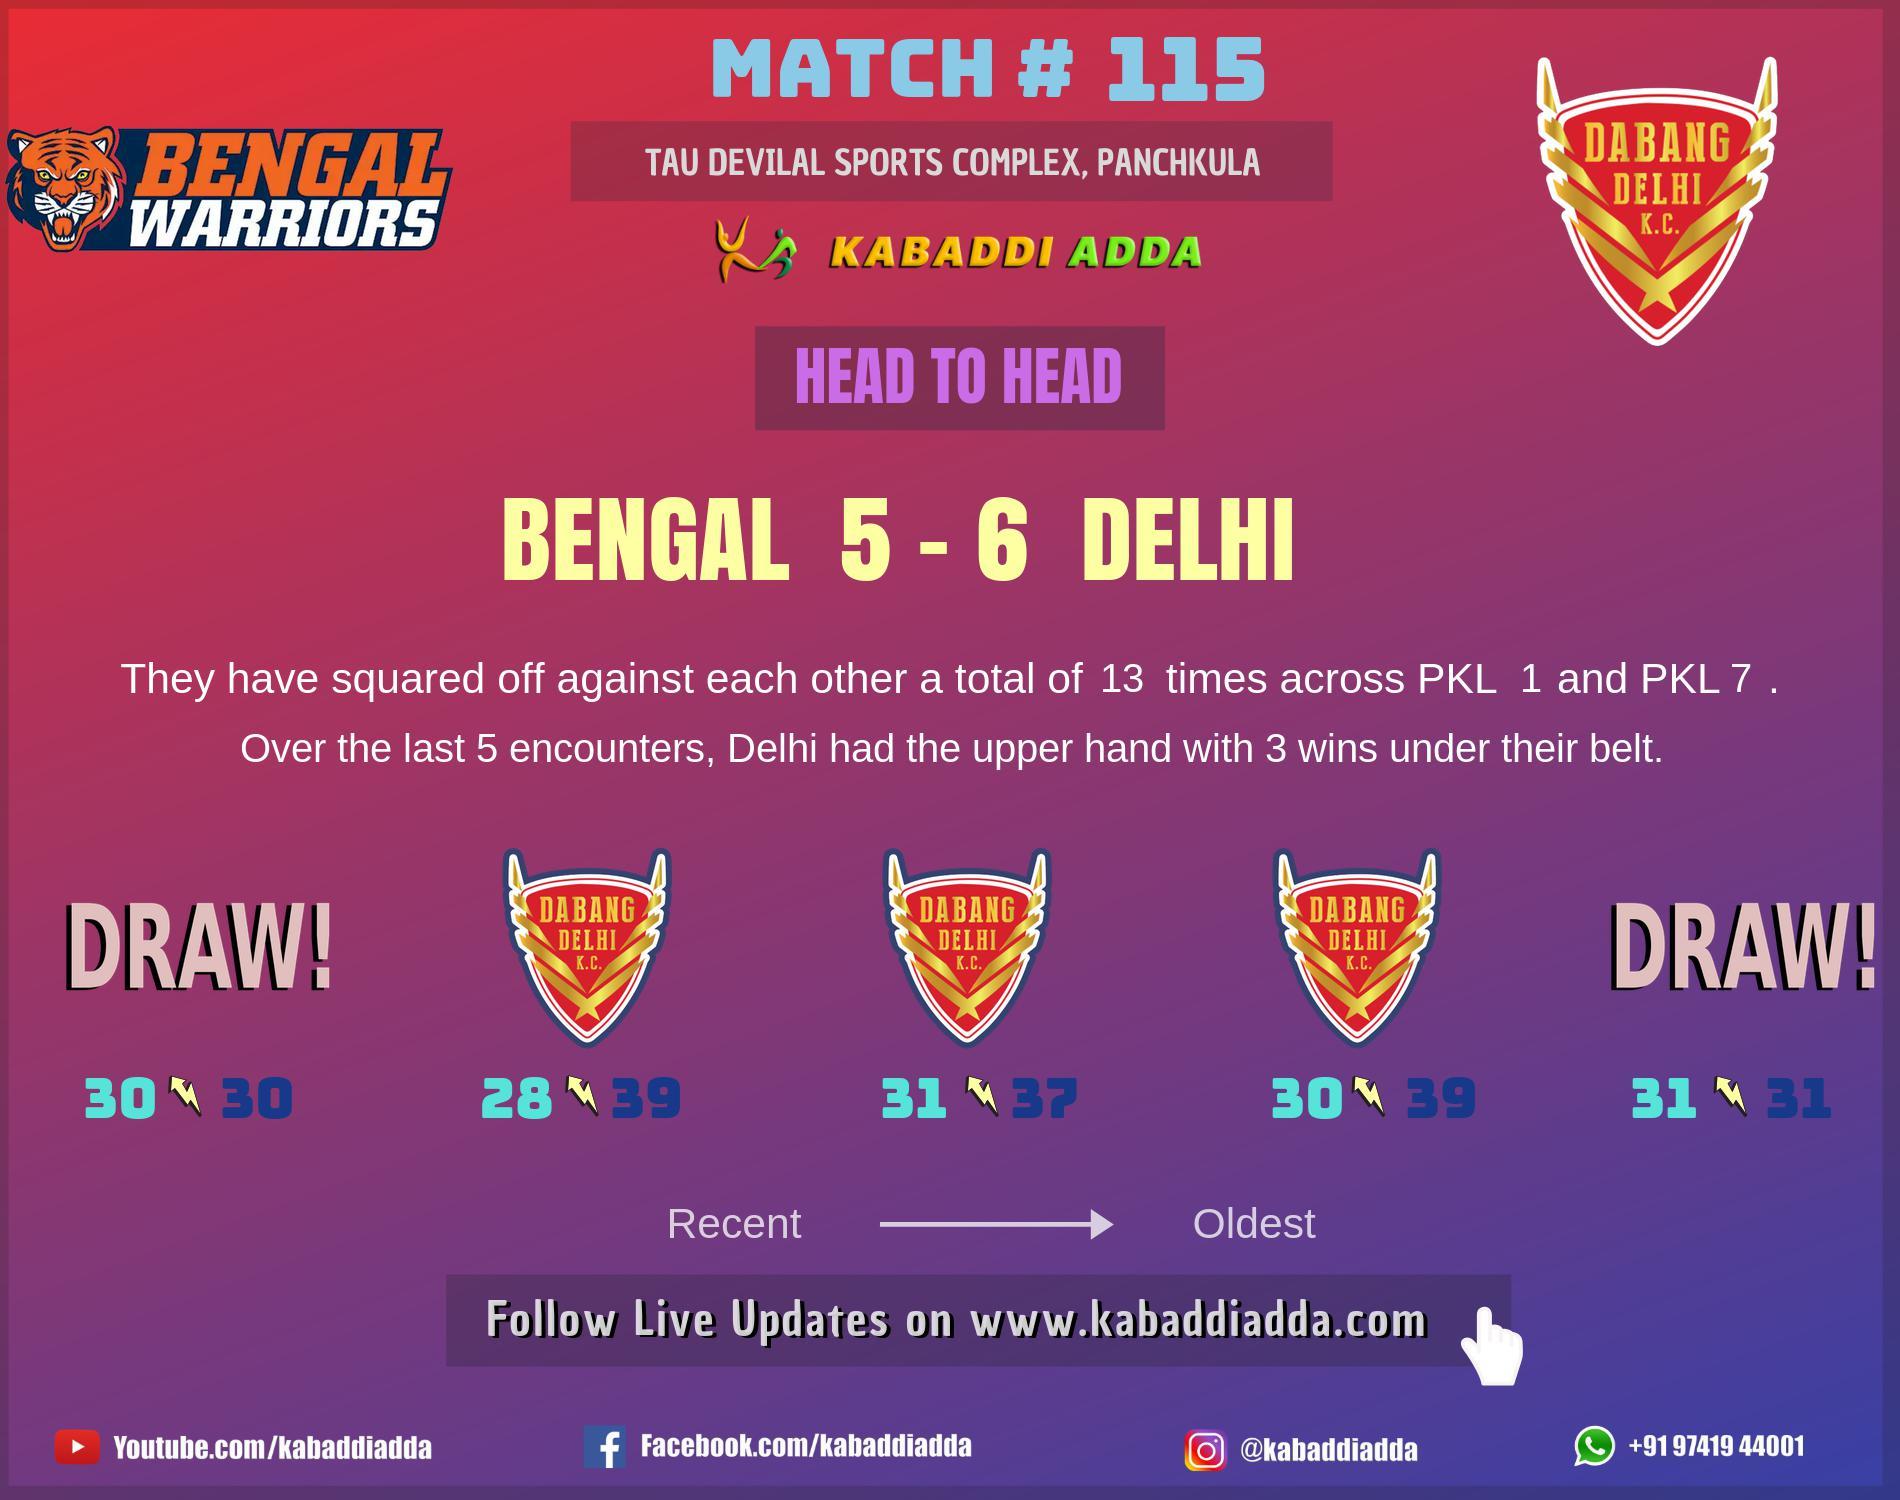 Bengal Warriors andDabang Delhi